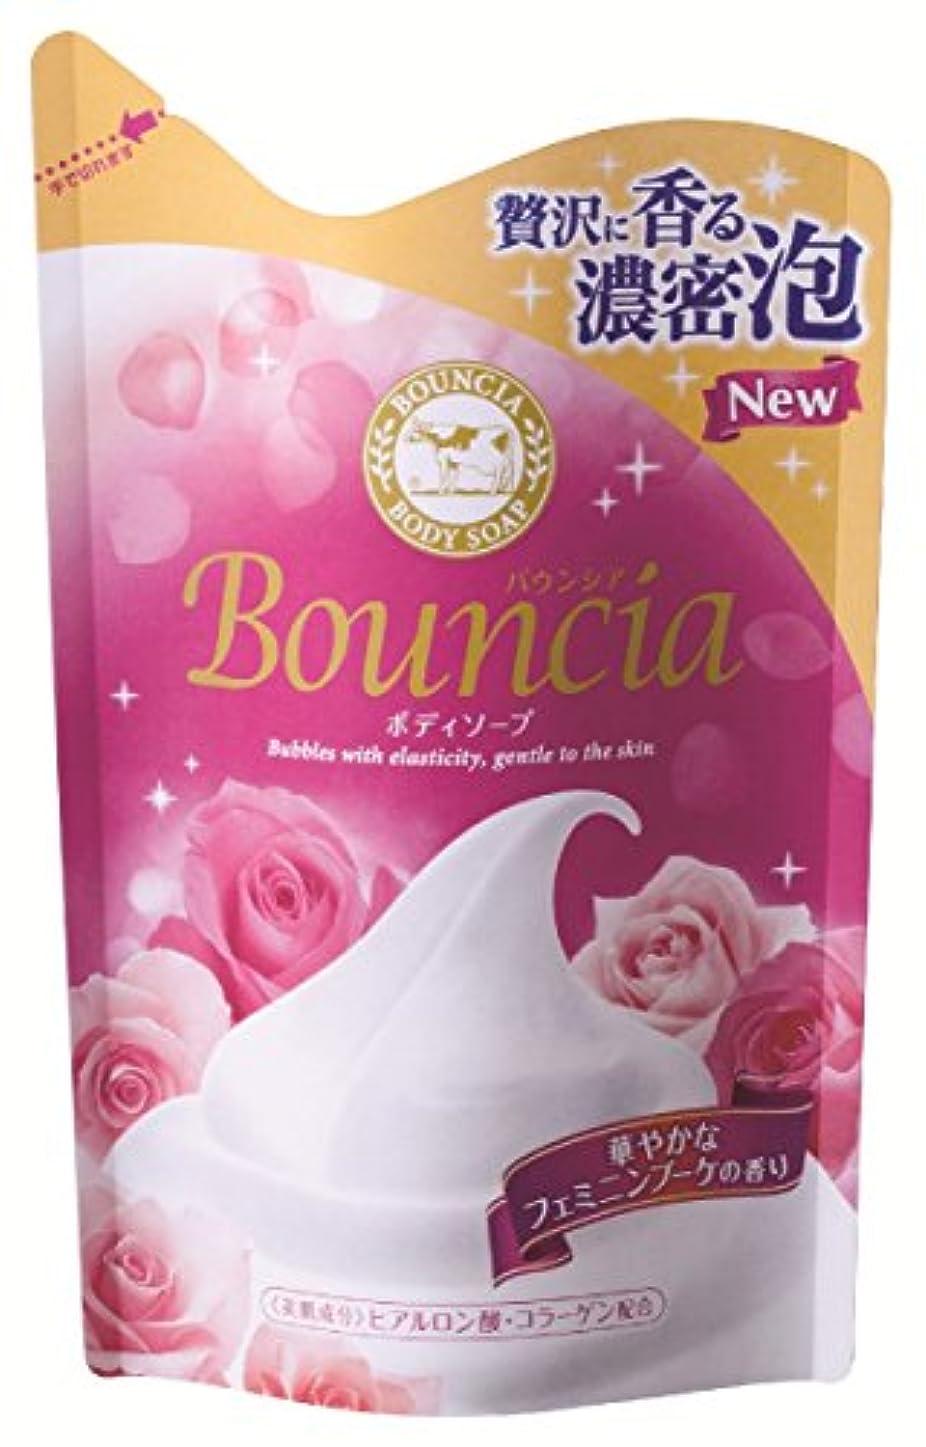 注入症候群難しいバウンシアボディソープ フェミニンブーケの香り 詰替用 430mL